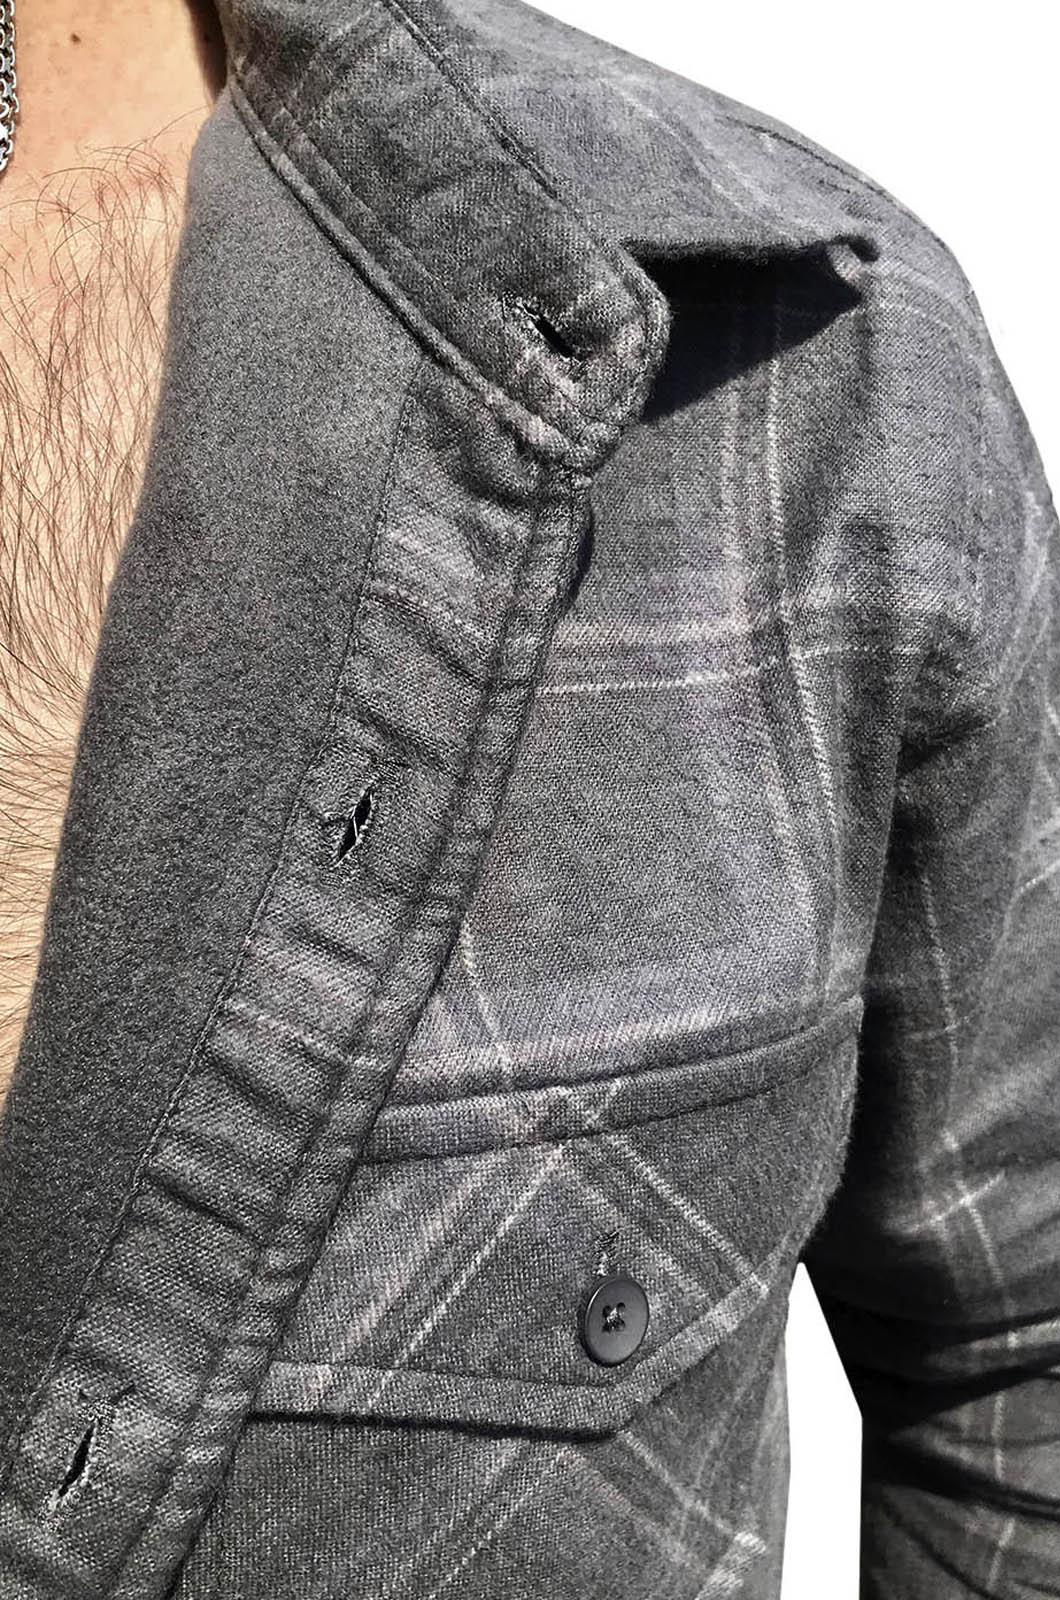 Клетчатая рубашка с шевроном КППО купить выгодно